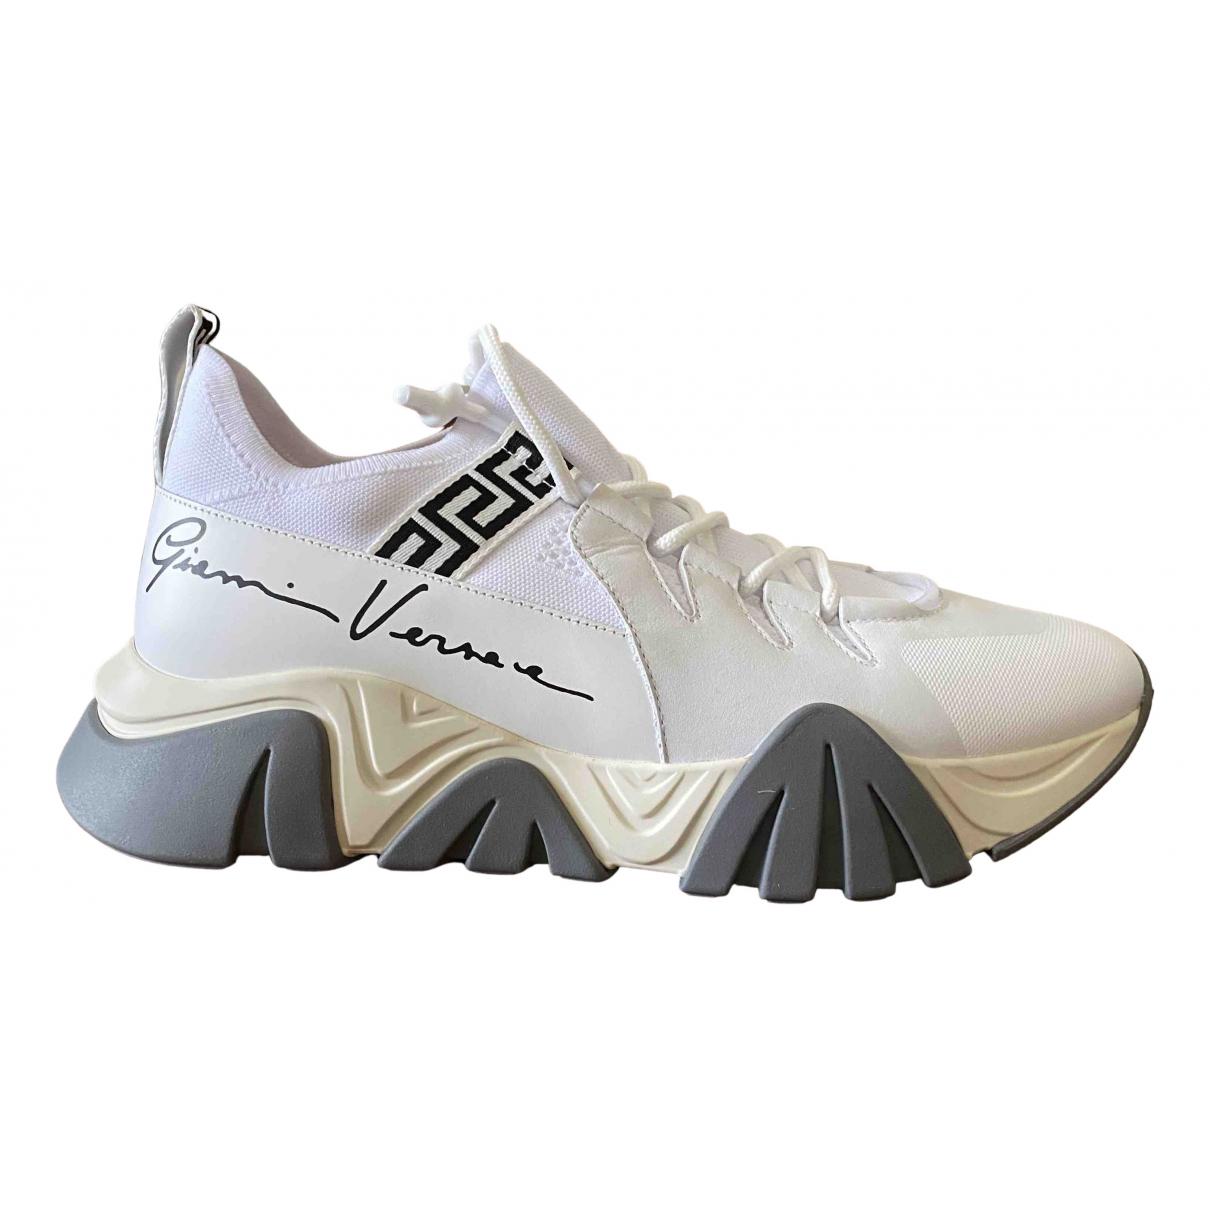 Versace - Baskets   pour homme en cuir - blanc